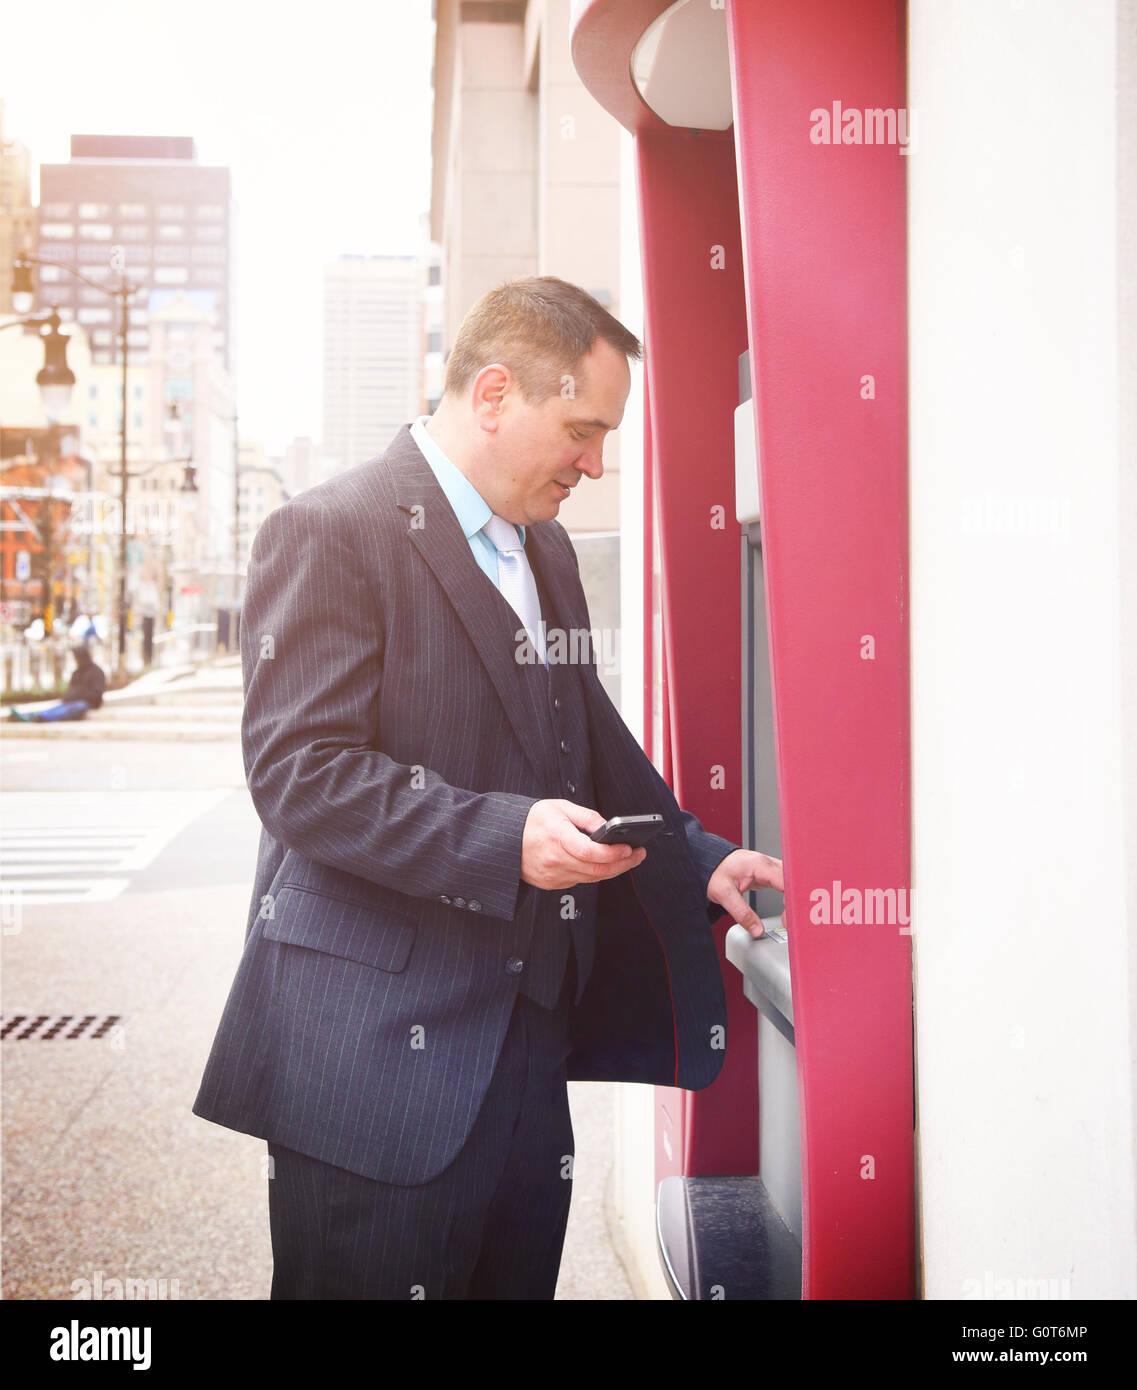 Un business man è in possesso di un telefono cellulare e prelevare denaro dal suo conto presso un bancomat Immagini Stock